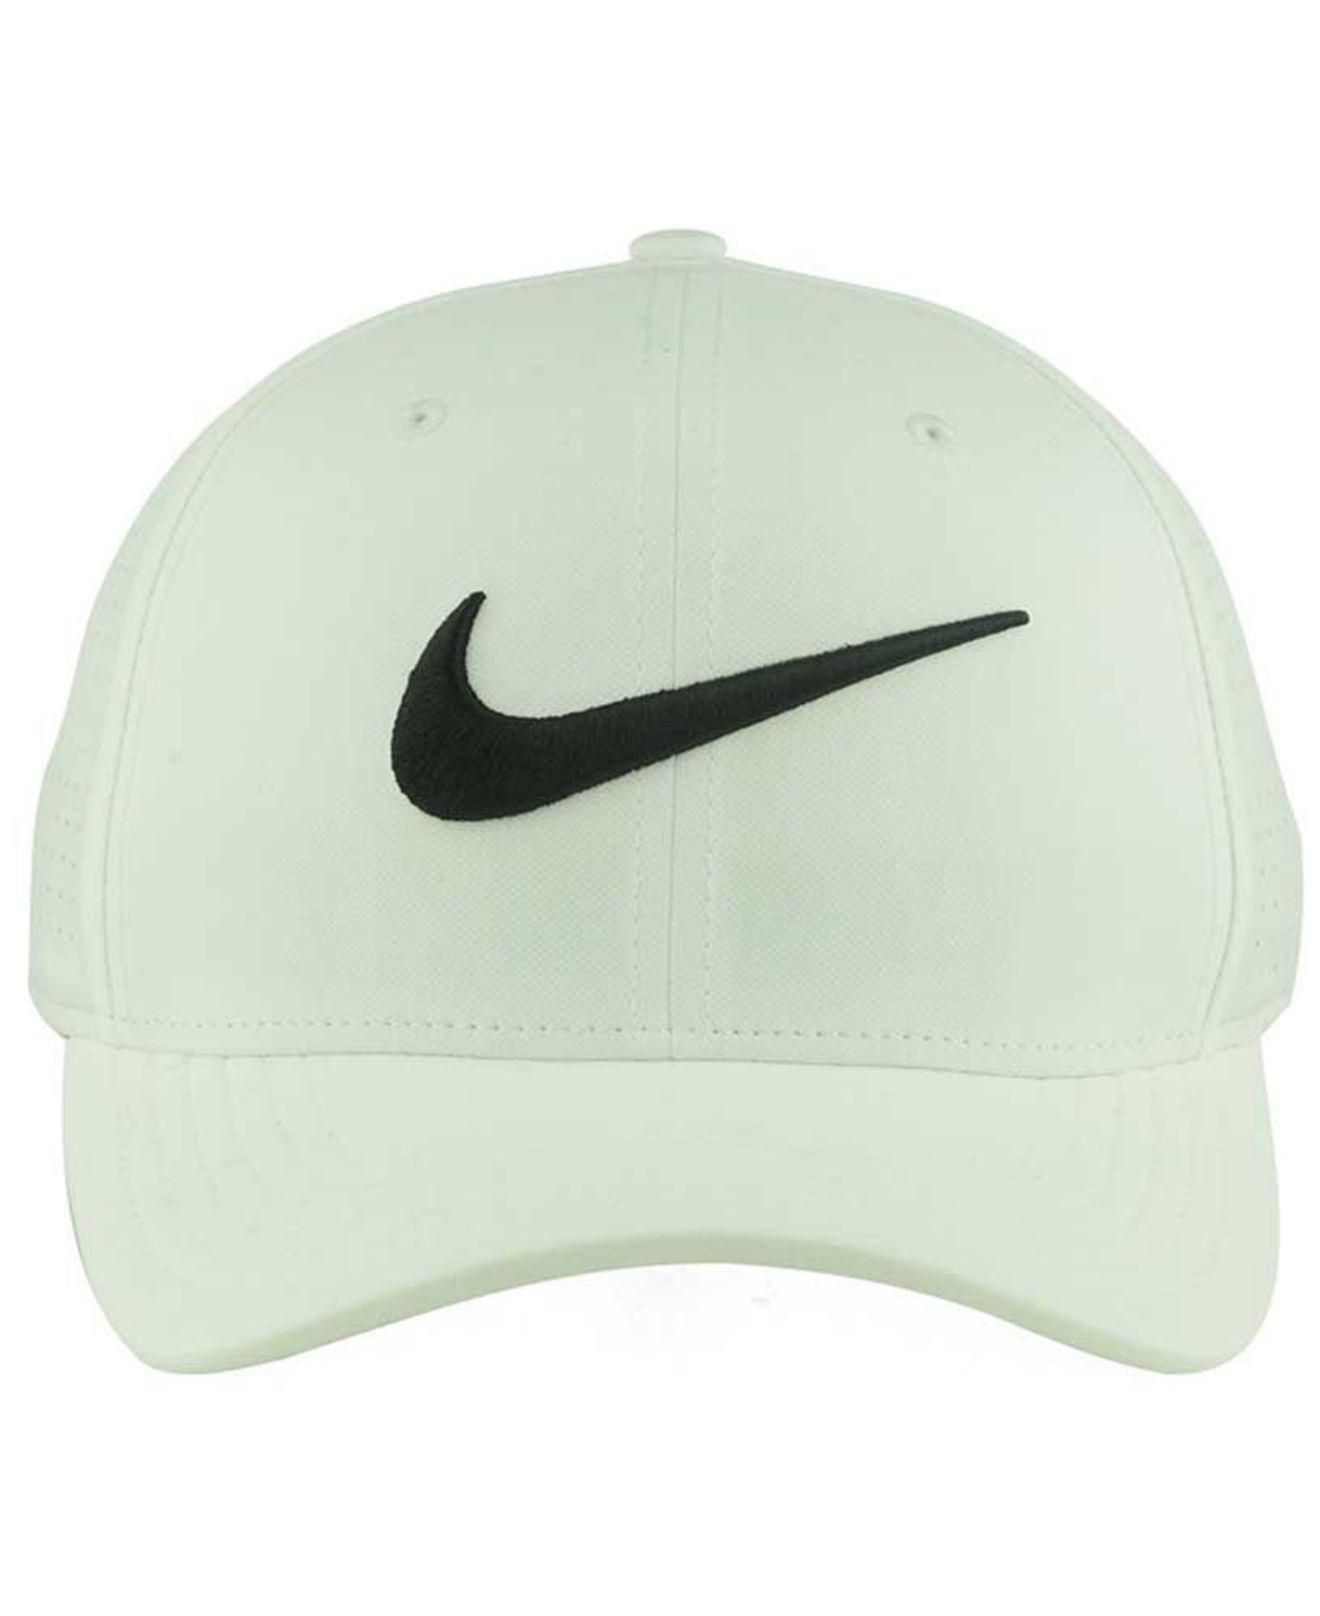 2cb20b1e0cc50 ... wholesale lyst nike vapor flex ii cap in white for men a189d d10ab